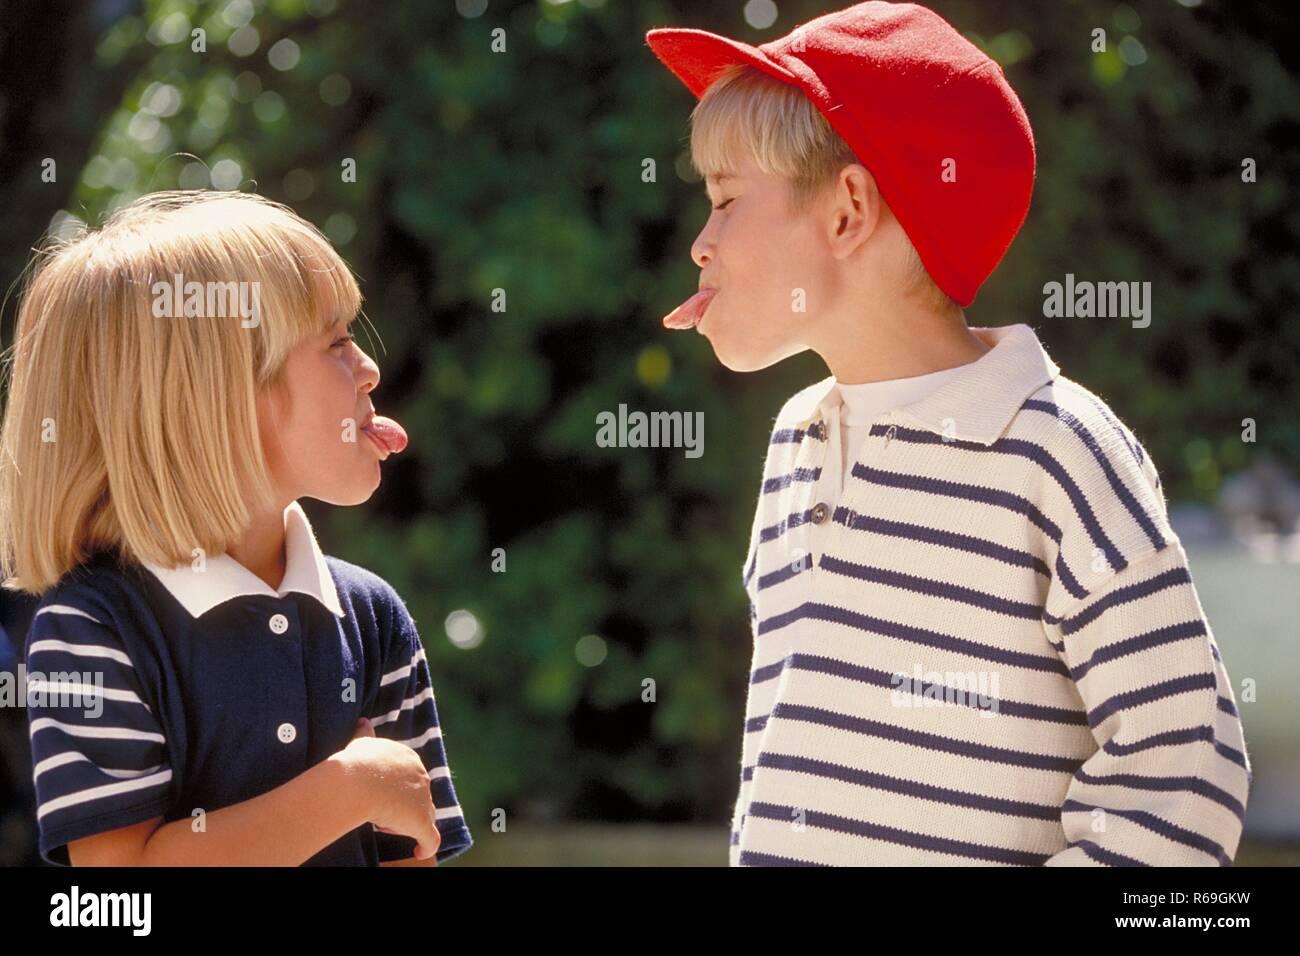 Outdoor, Halbfigur, blau-weiss gekleidetes blondes Kinderpaar, 5-6 Jahre, Junge mit roter Baseballkappe und Maedchen strecken sich gegenseitig die Zunge heraus - Stock Image